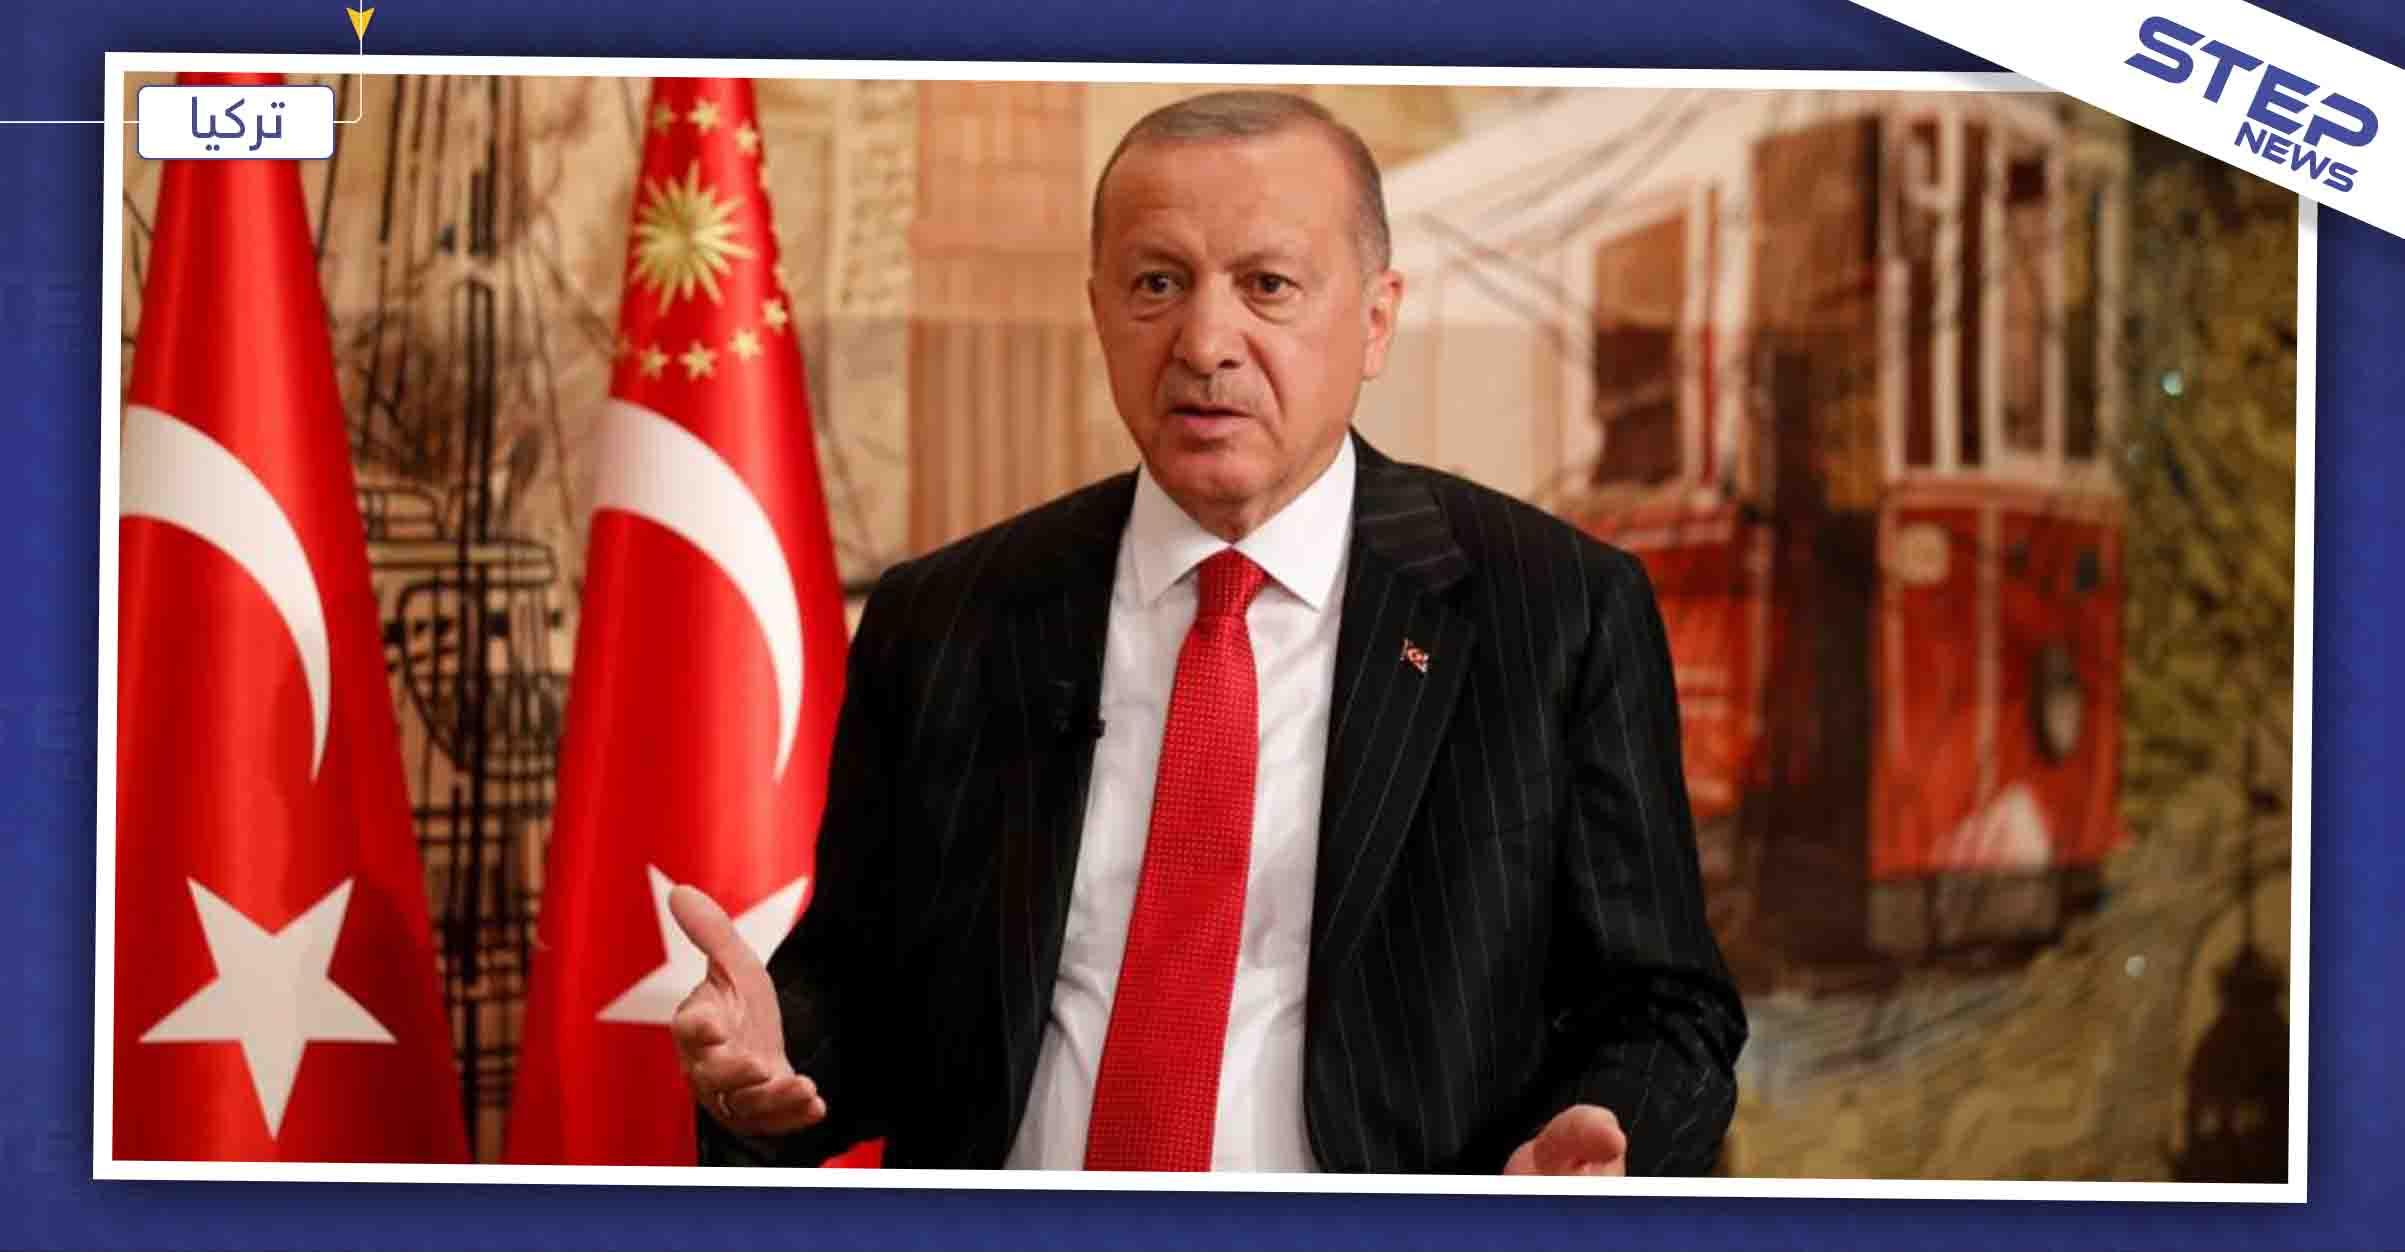 أردوغان: تركيا وروسيا متفقتان على محاربة الإرهاب بكافة أشكاله